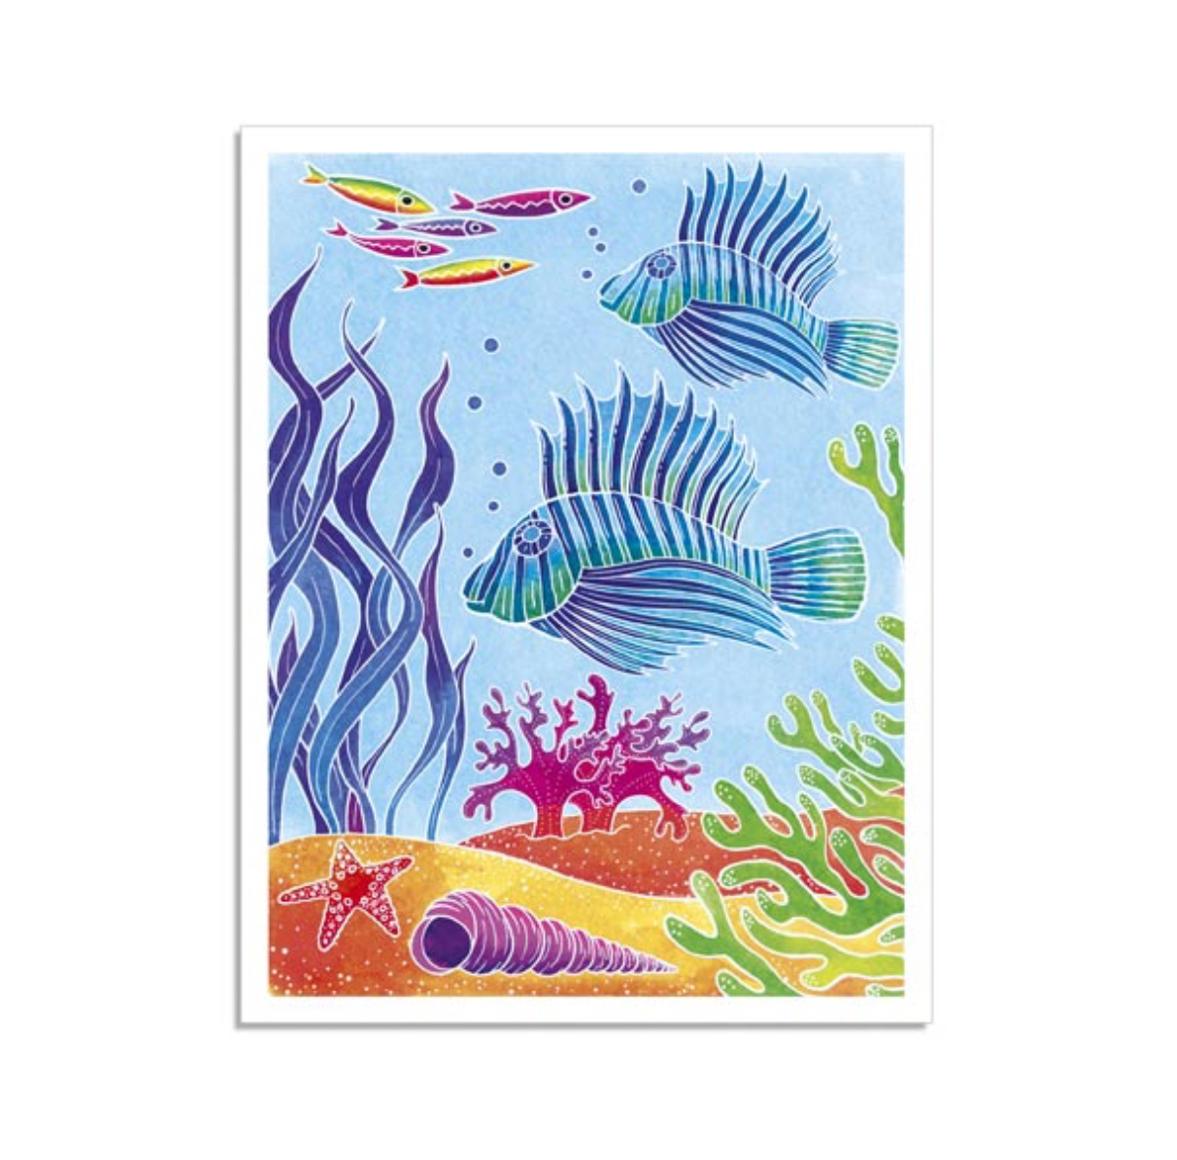 aquarellum-fondos-coralinos-de-sentosphe-e-en-el-mundo-de-mico-3